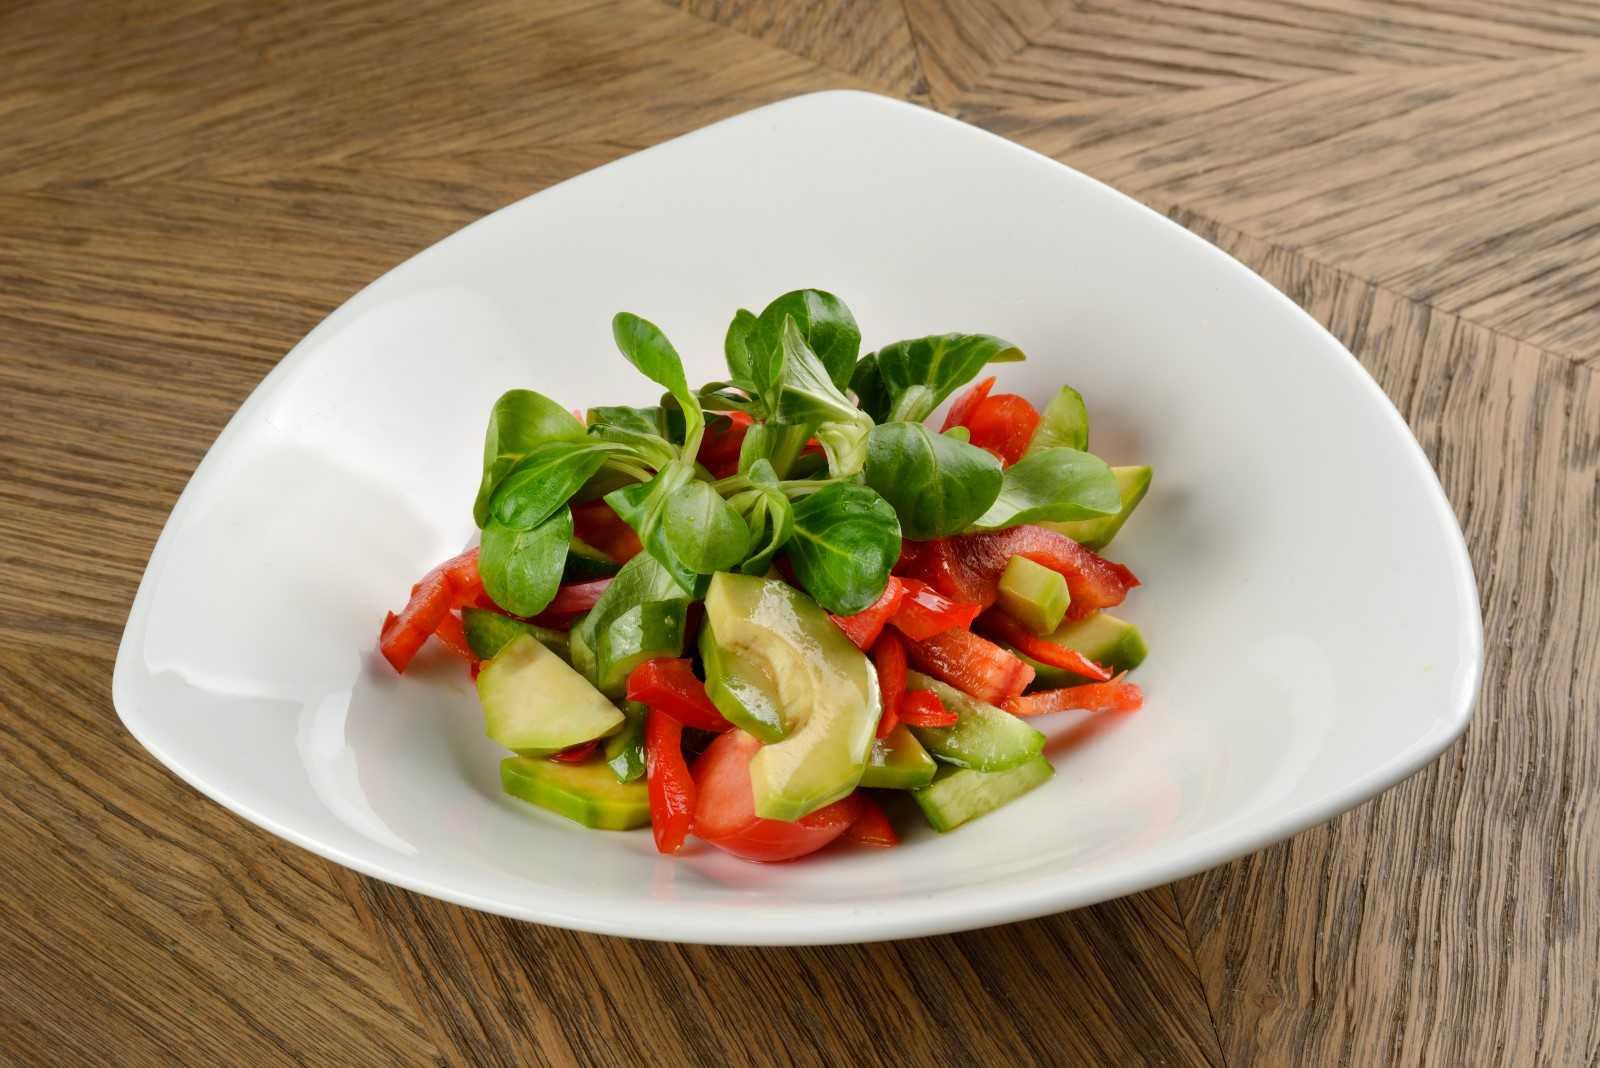 Салат витаминный из капусты моркови и перца с уксусом – рецепт с фото пошагово